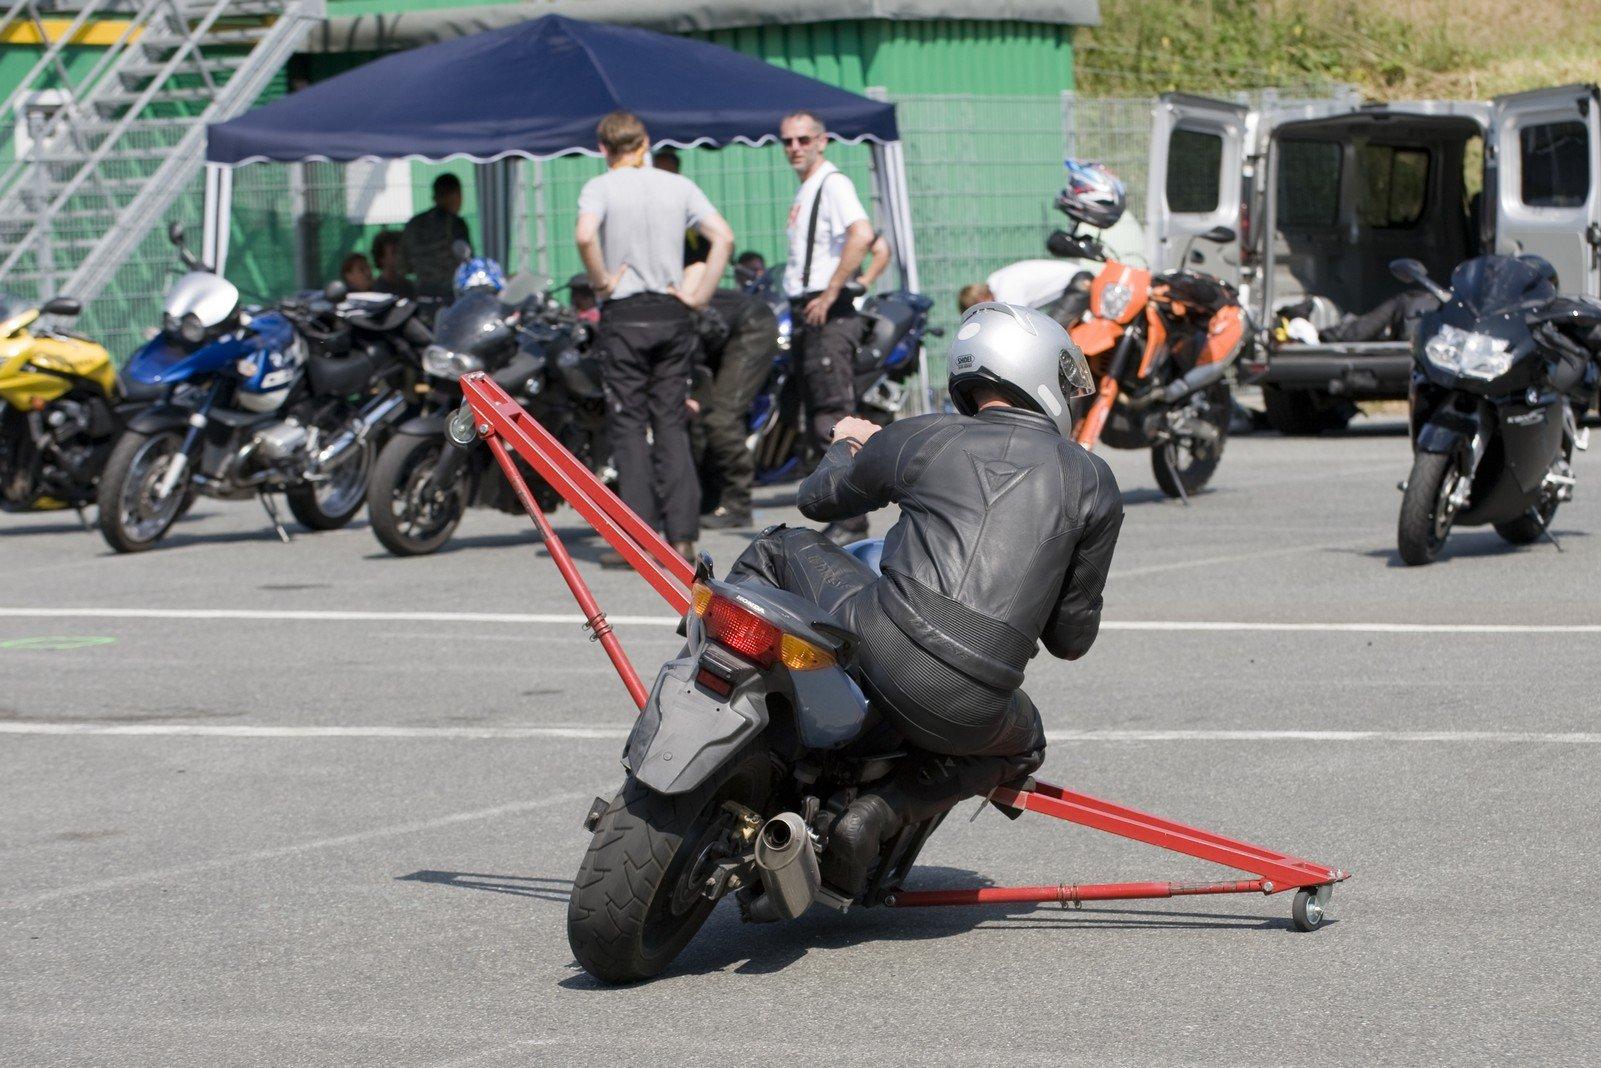 Motorrad-Sicherheitstraining-Schraeglagentraining-010